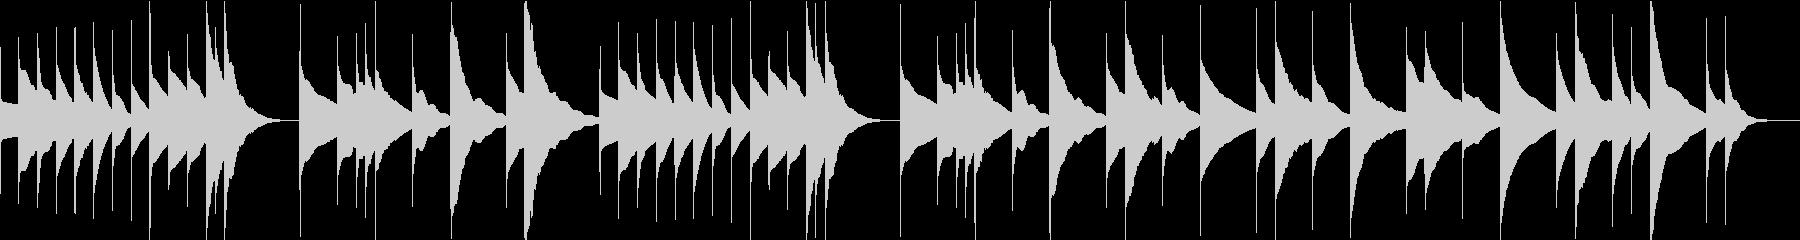 オルゴール/睡眠/癒し/プロフィールの未再生の波形